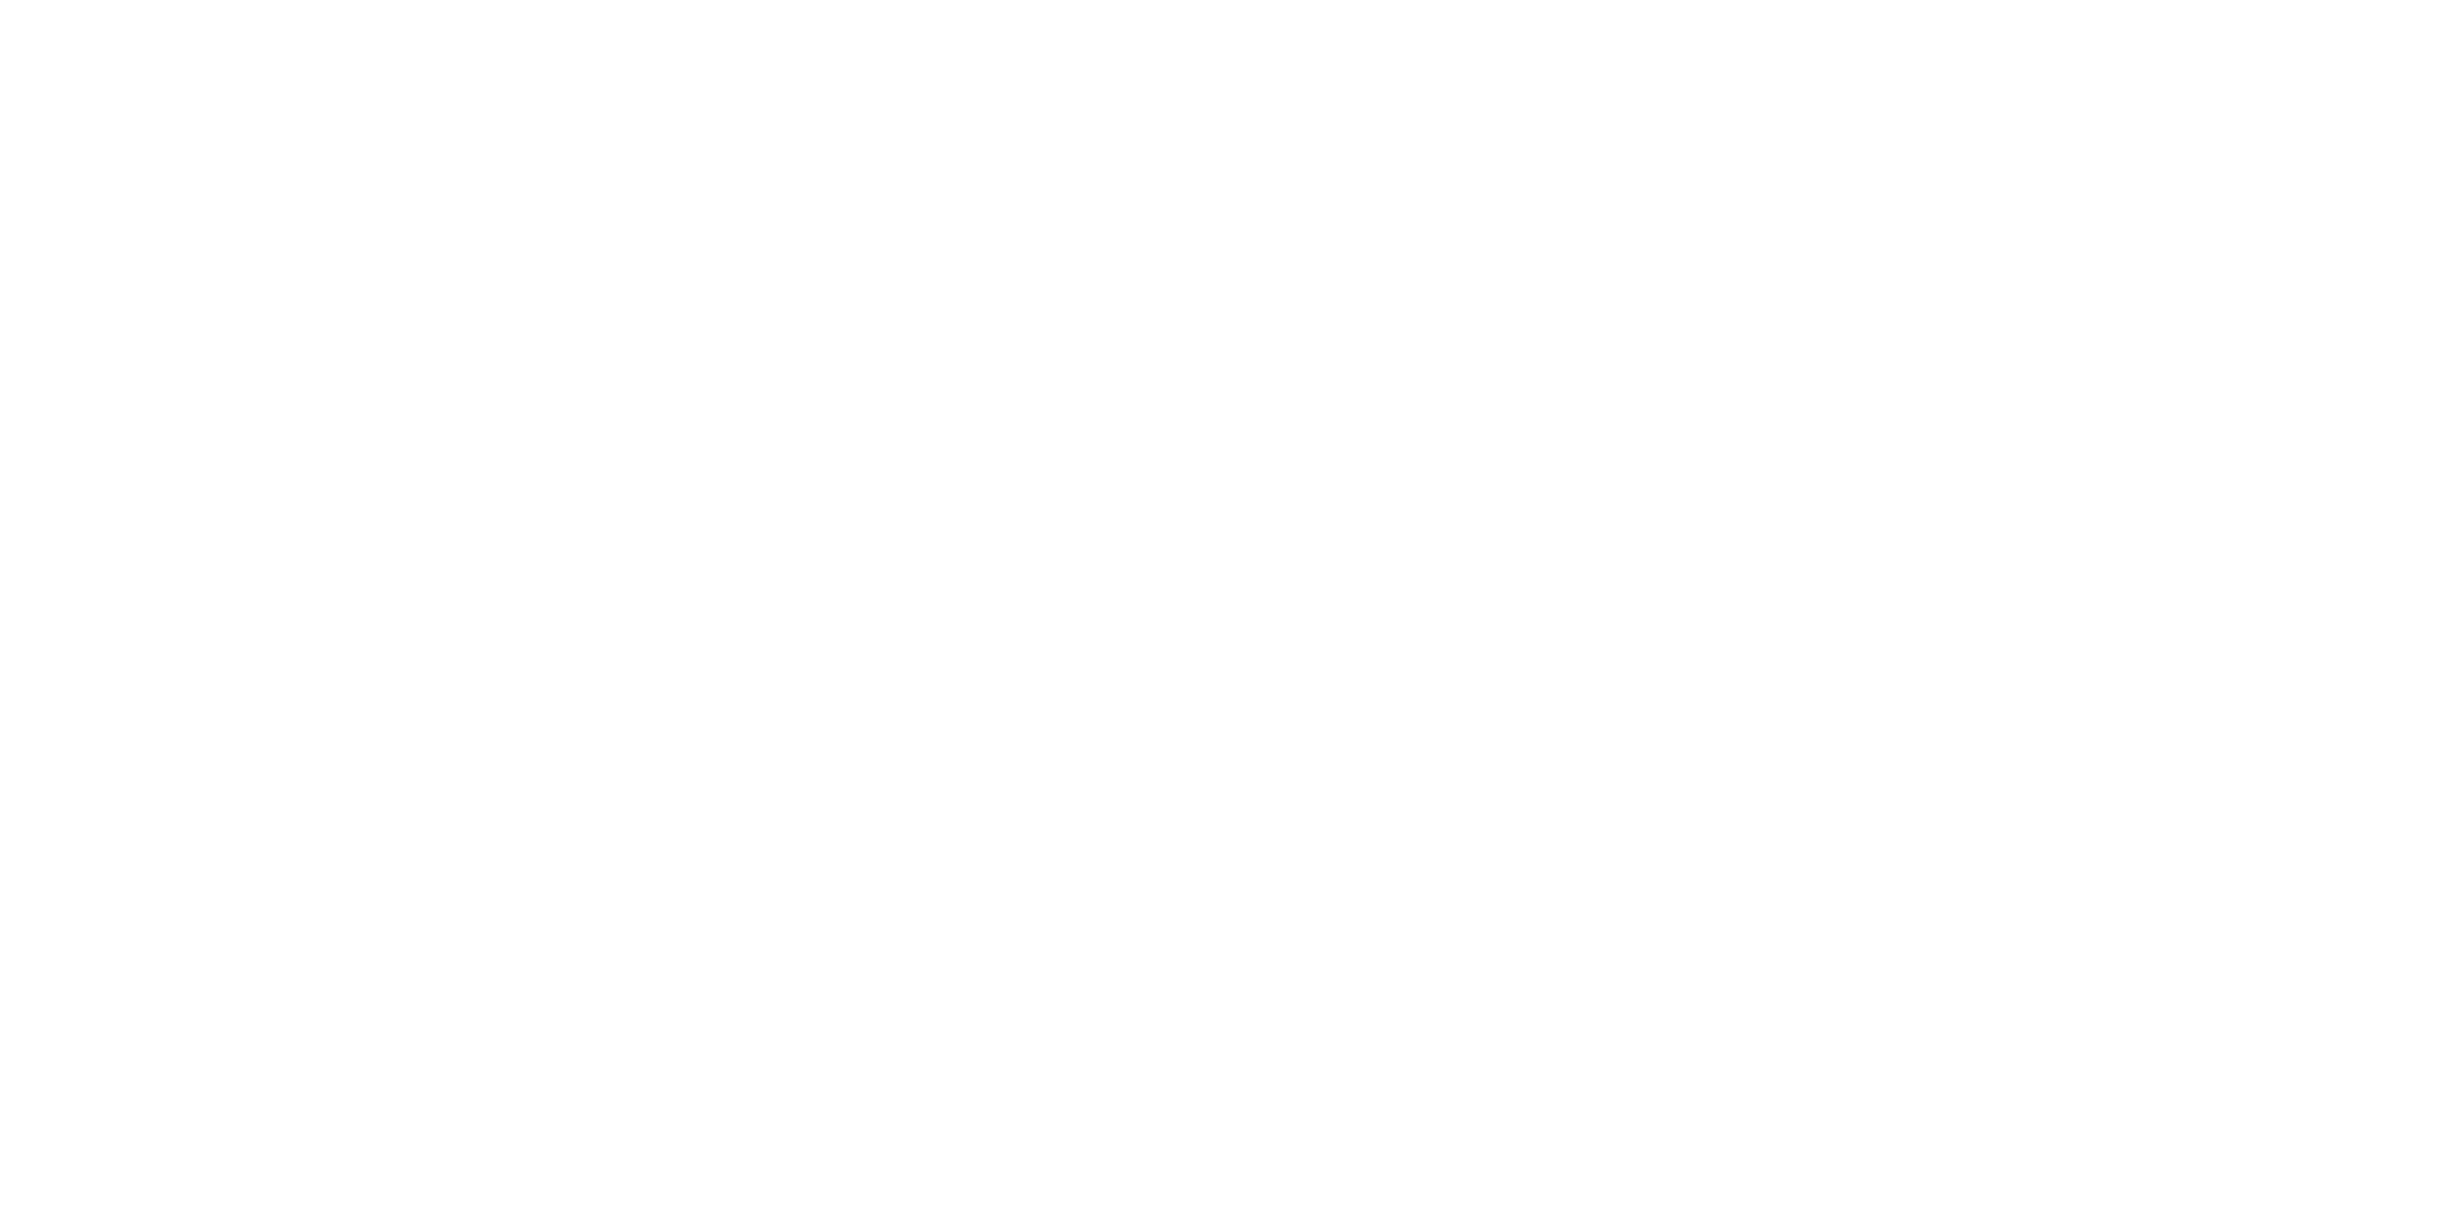 snpattern1